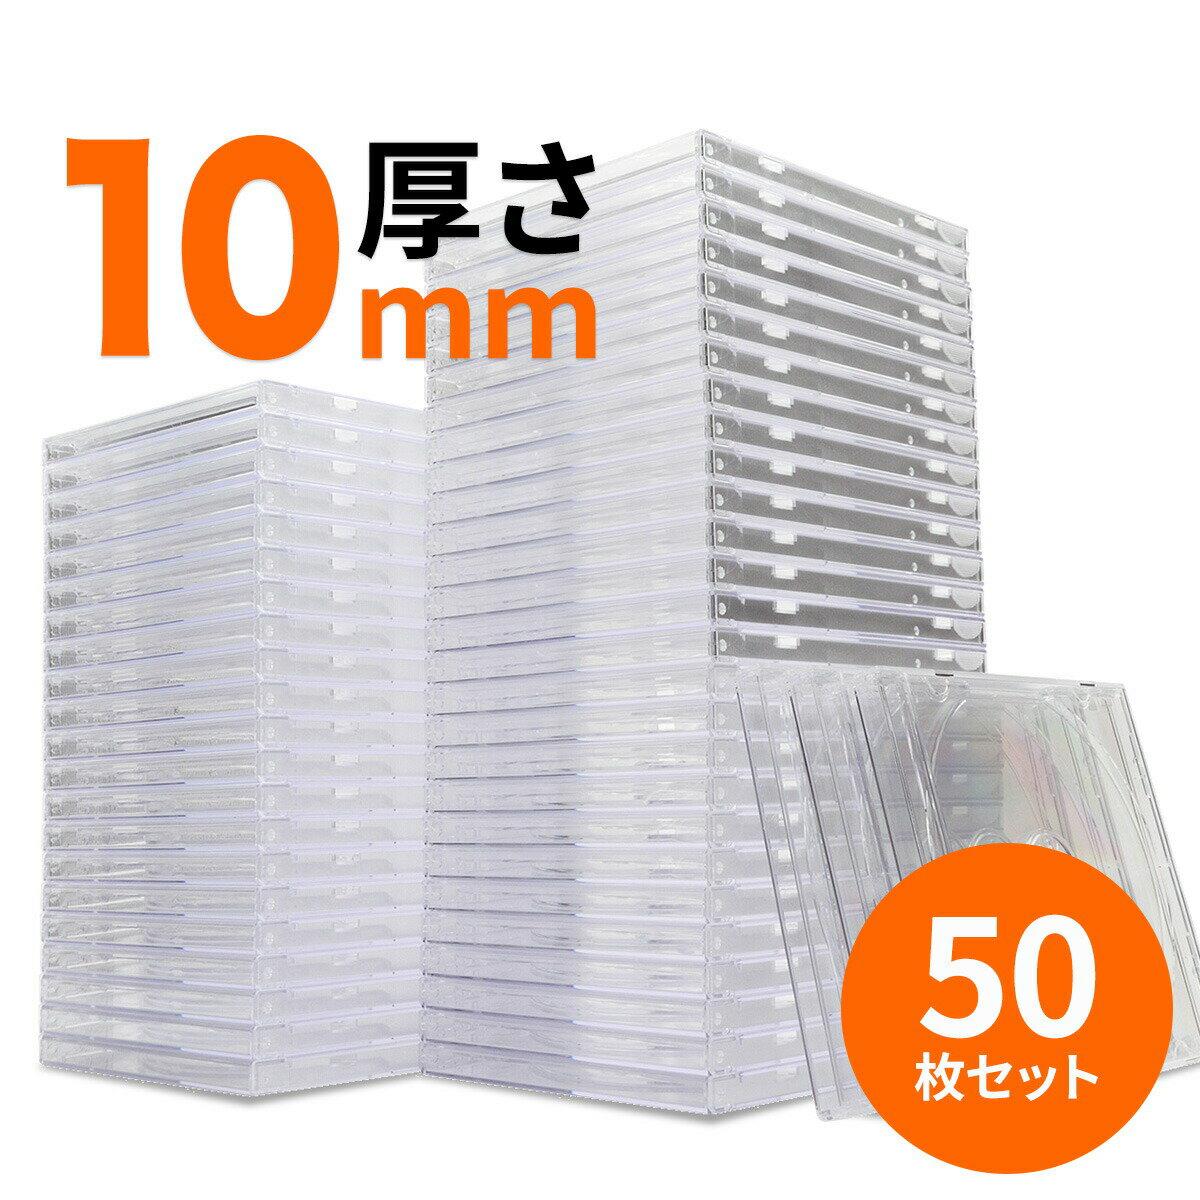 【クーポンで5%OFF!】CDケース DVDケース プラケース ジュエルケース 50枚セット 収納ケース メディアケース 10mm [200-FCD024]【サンワダイレクト限定品】